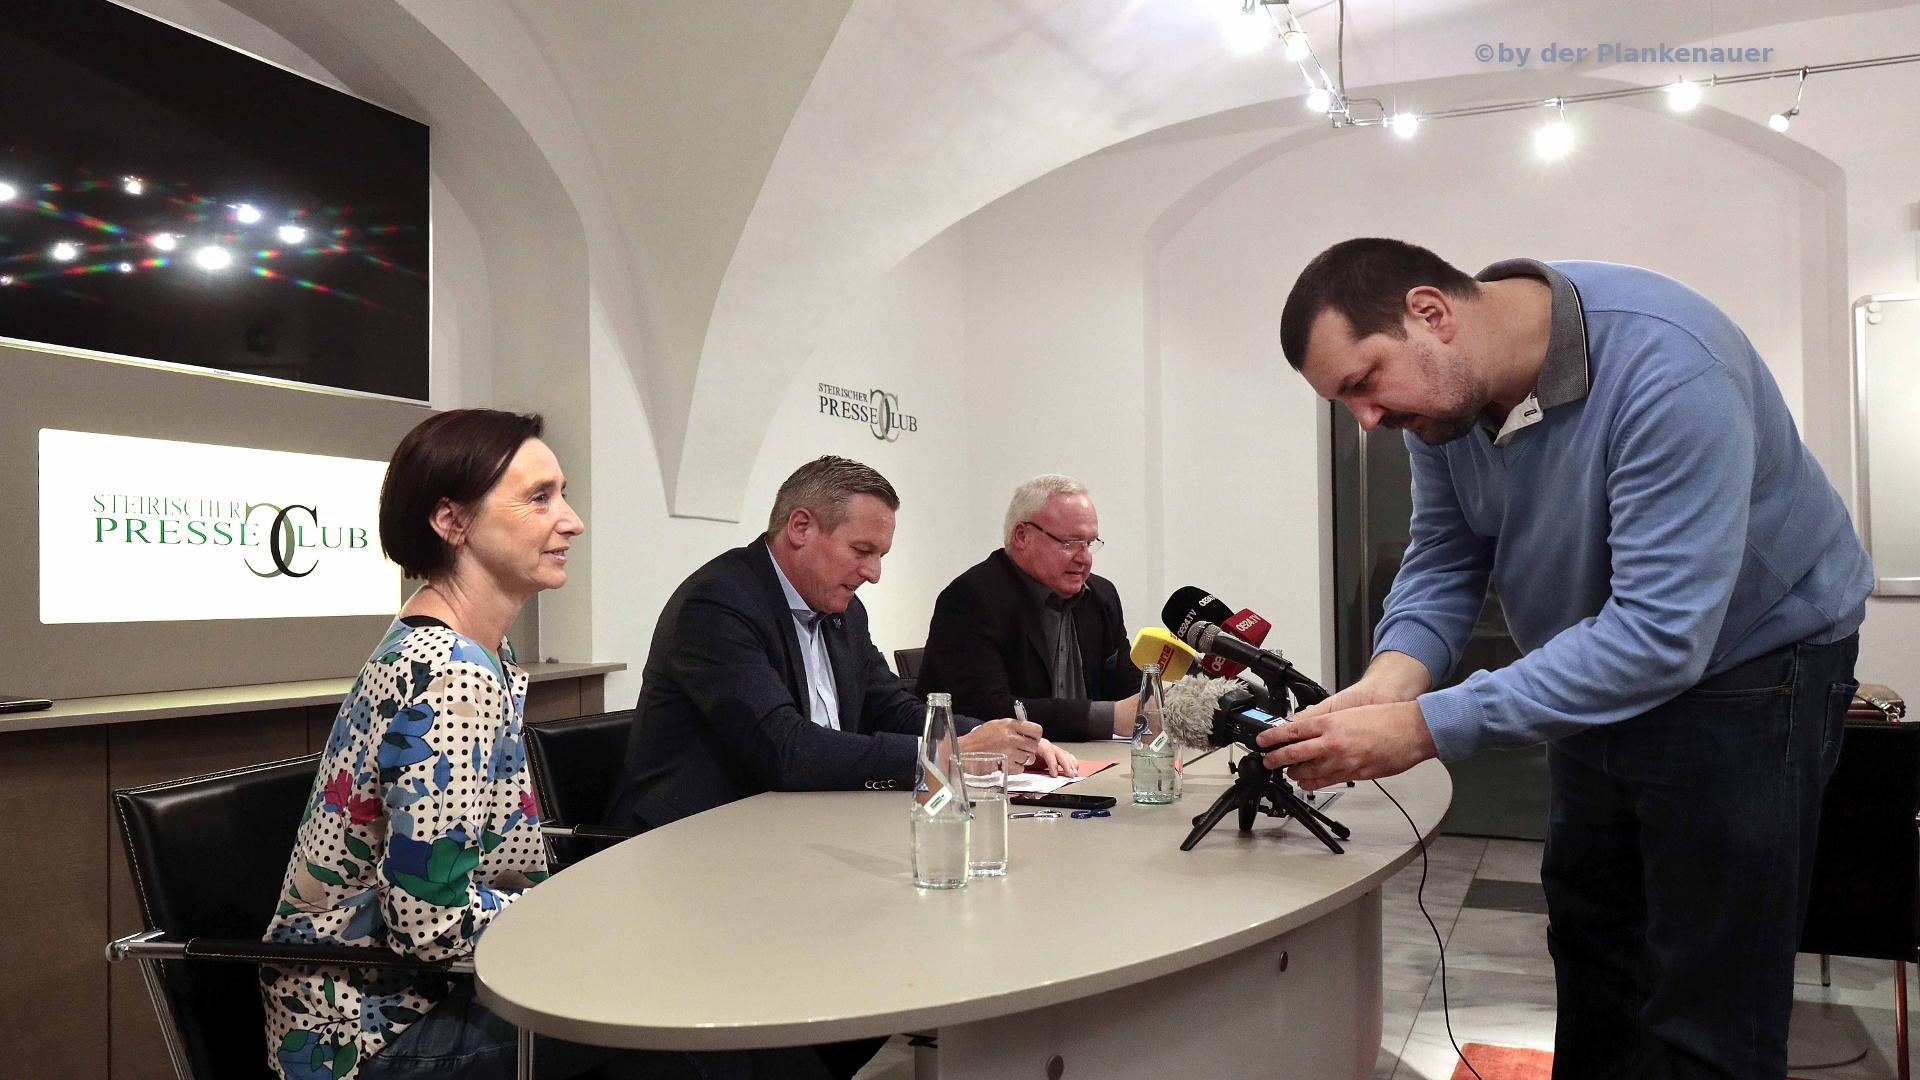 Mario Kunasek-Sigrid Hroch-Heinz M Fischer-Claudio Schiesl-Presseclub-Graz-Landtagswahl-LTW19-Steiermark